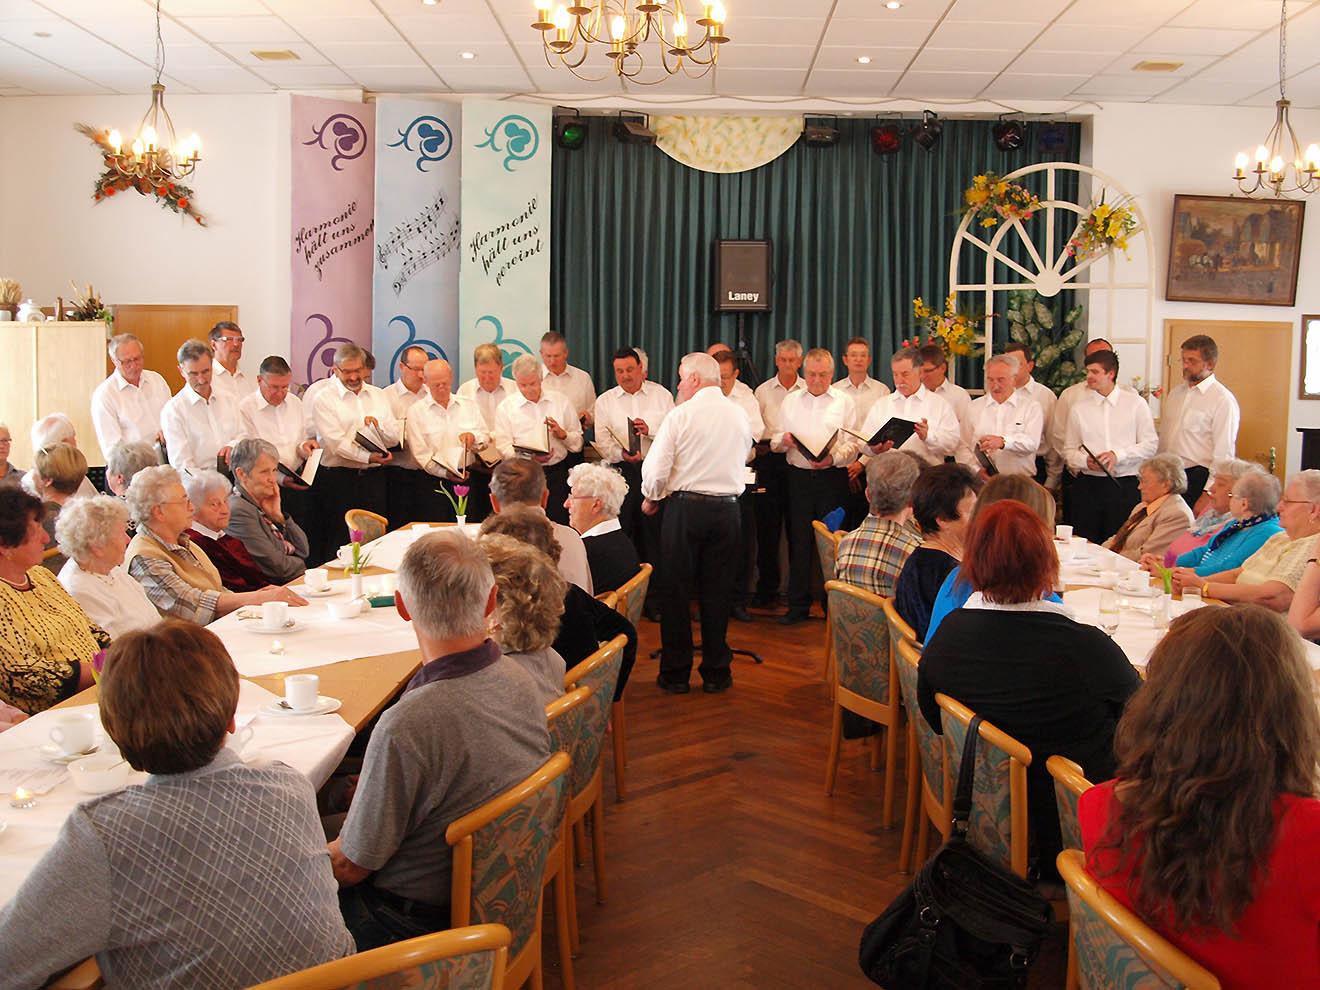 Der Frühling hat sich eingestellt beim Mohlsdorfer Männerchor